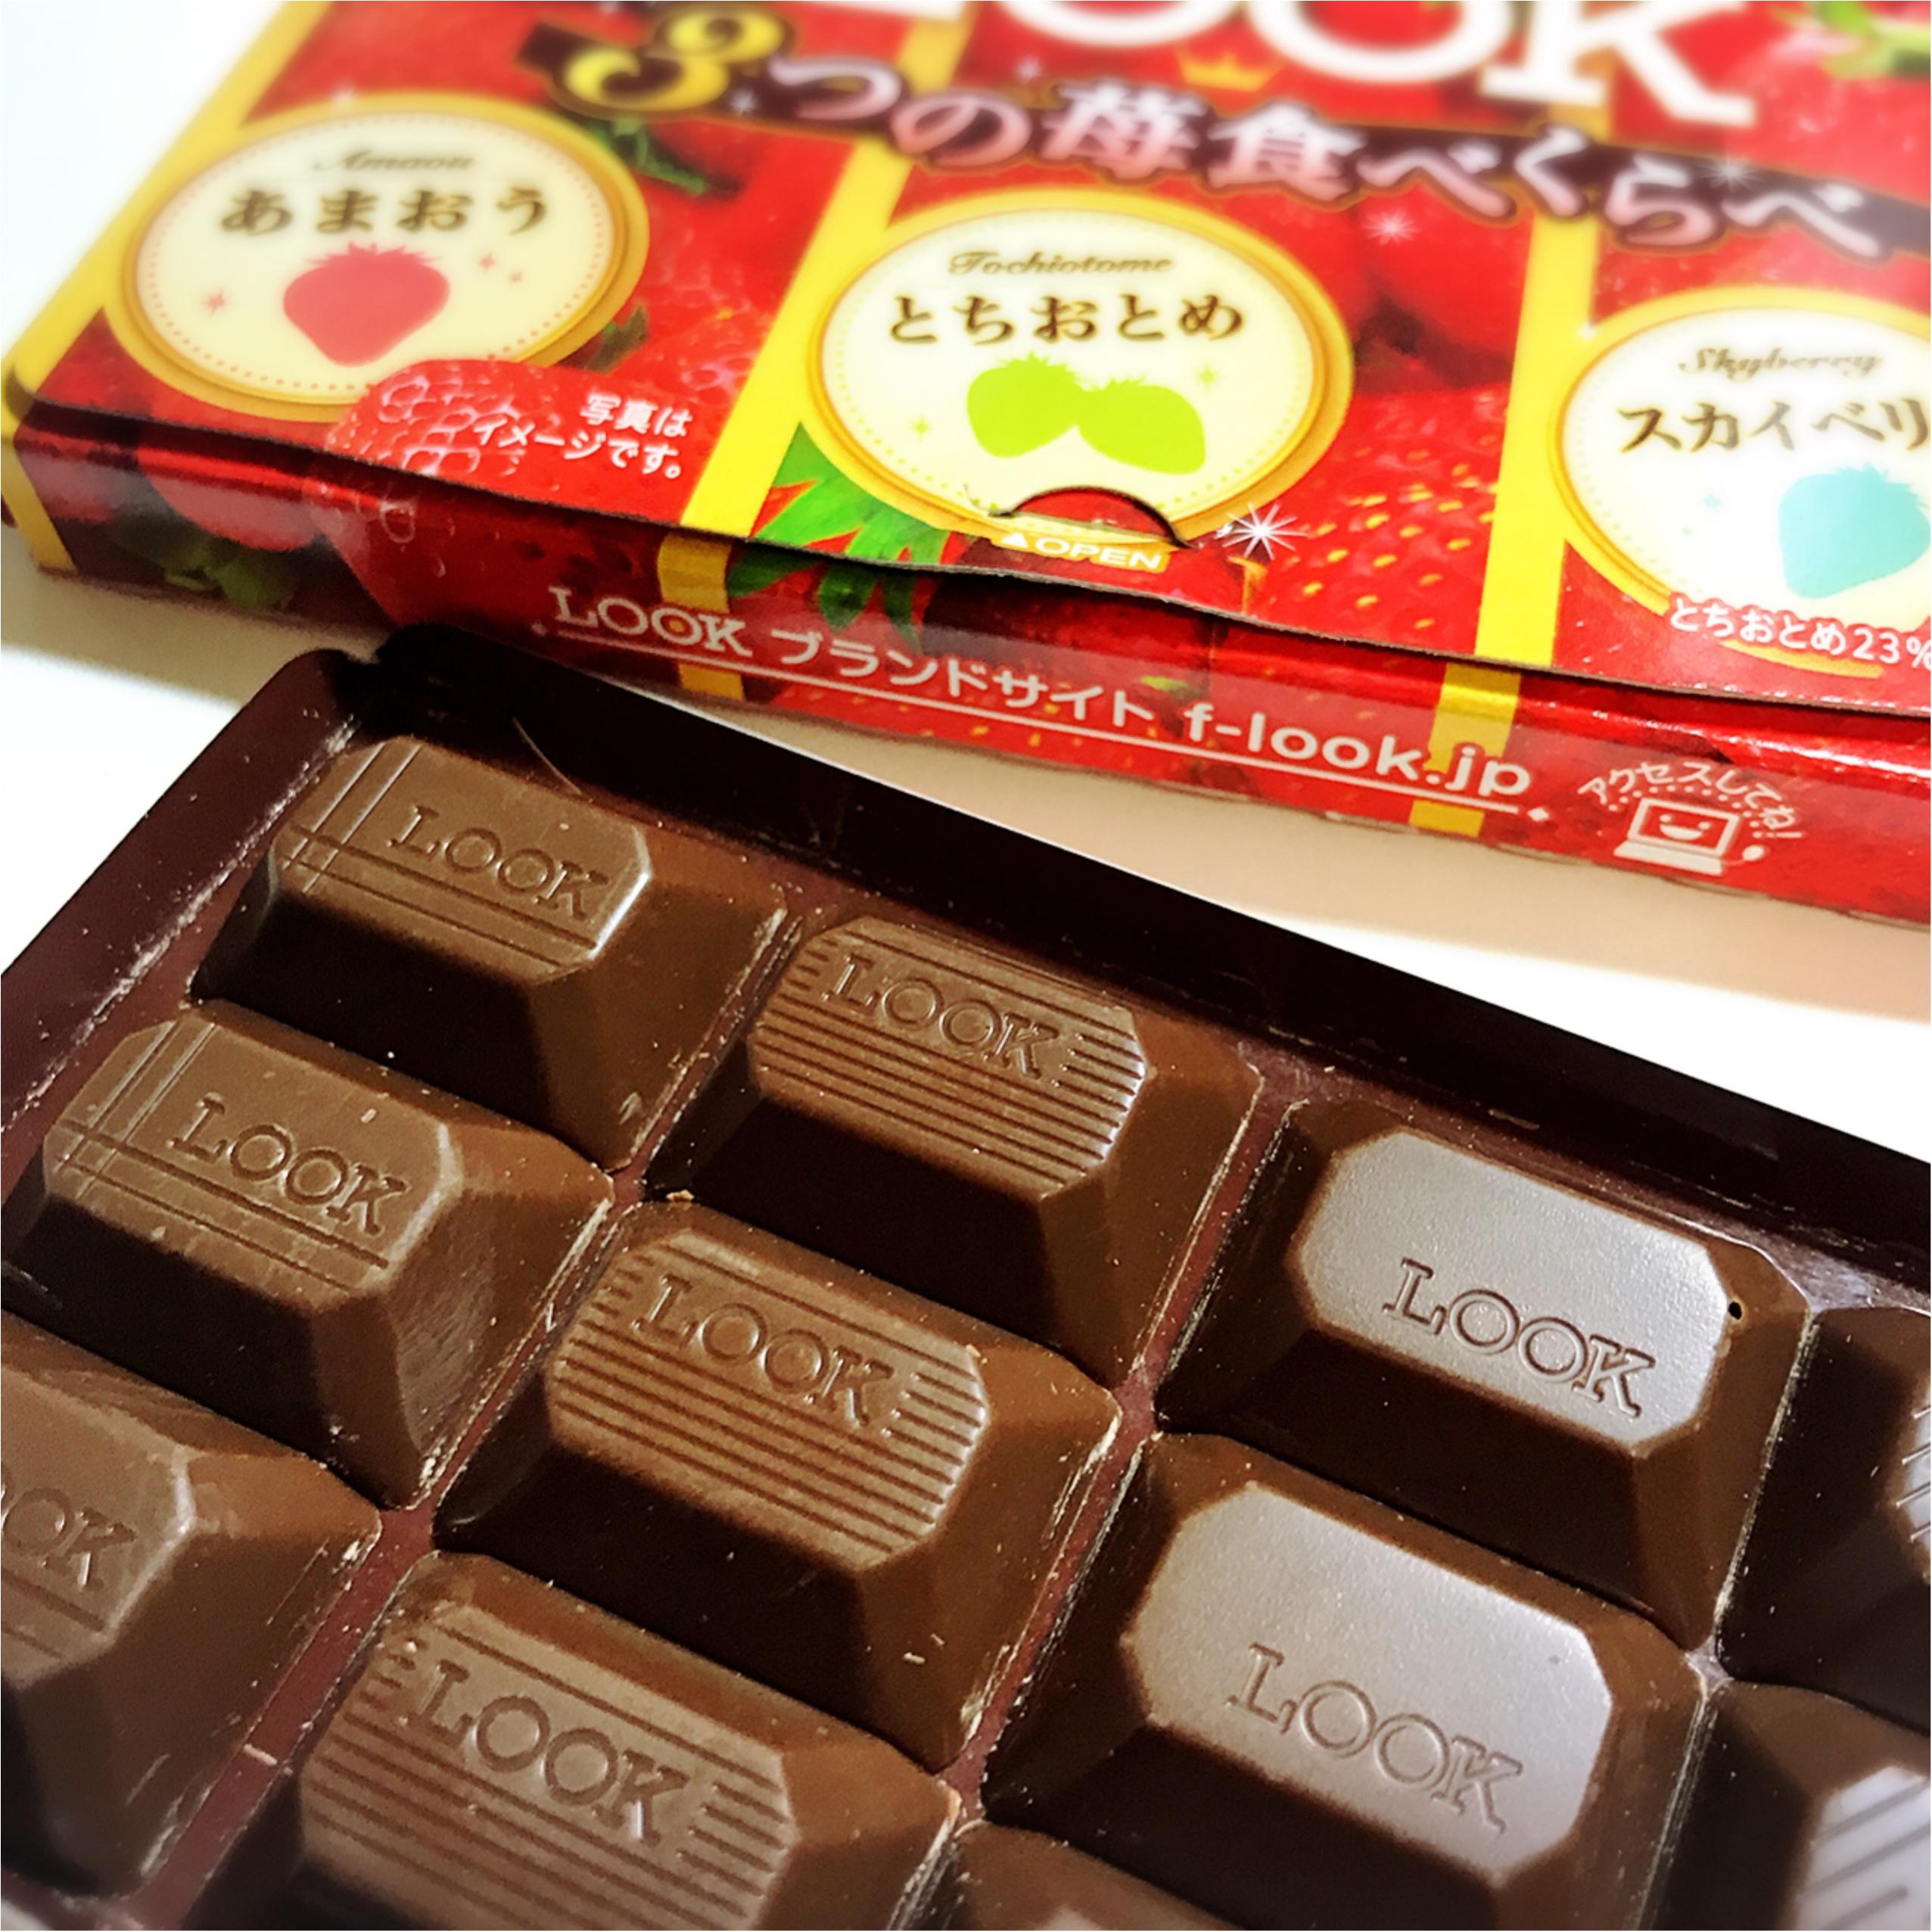 ❤︎3つの苺を食べくらべ❤︎LOOKの新作チョコレートで贅沢いちご狩り気分♪_5